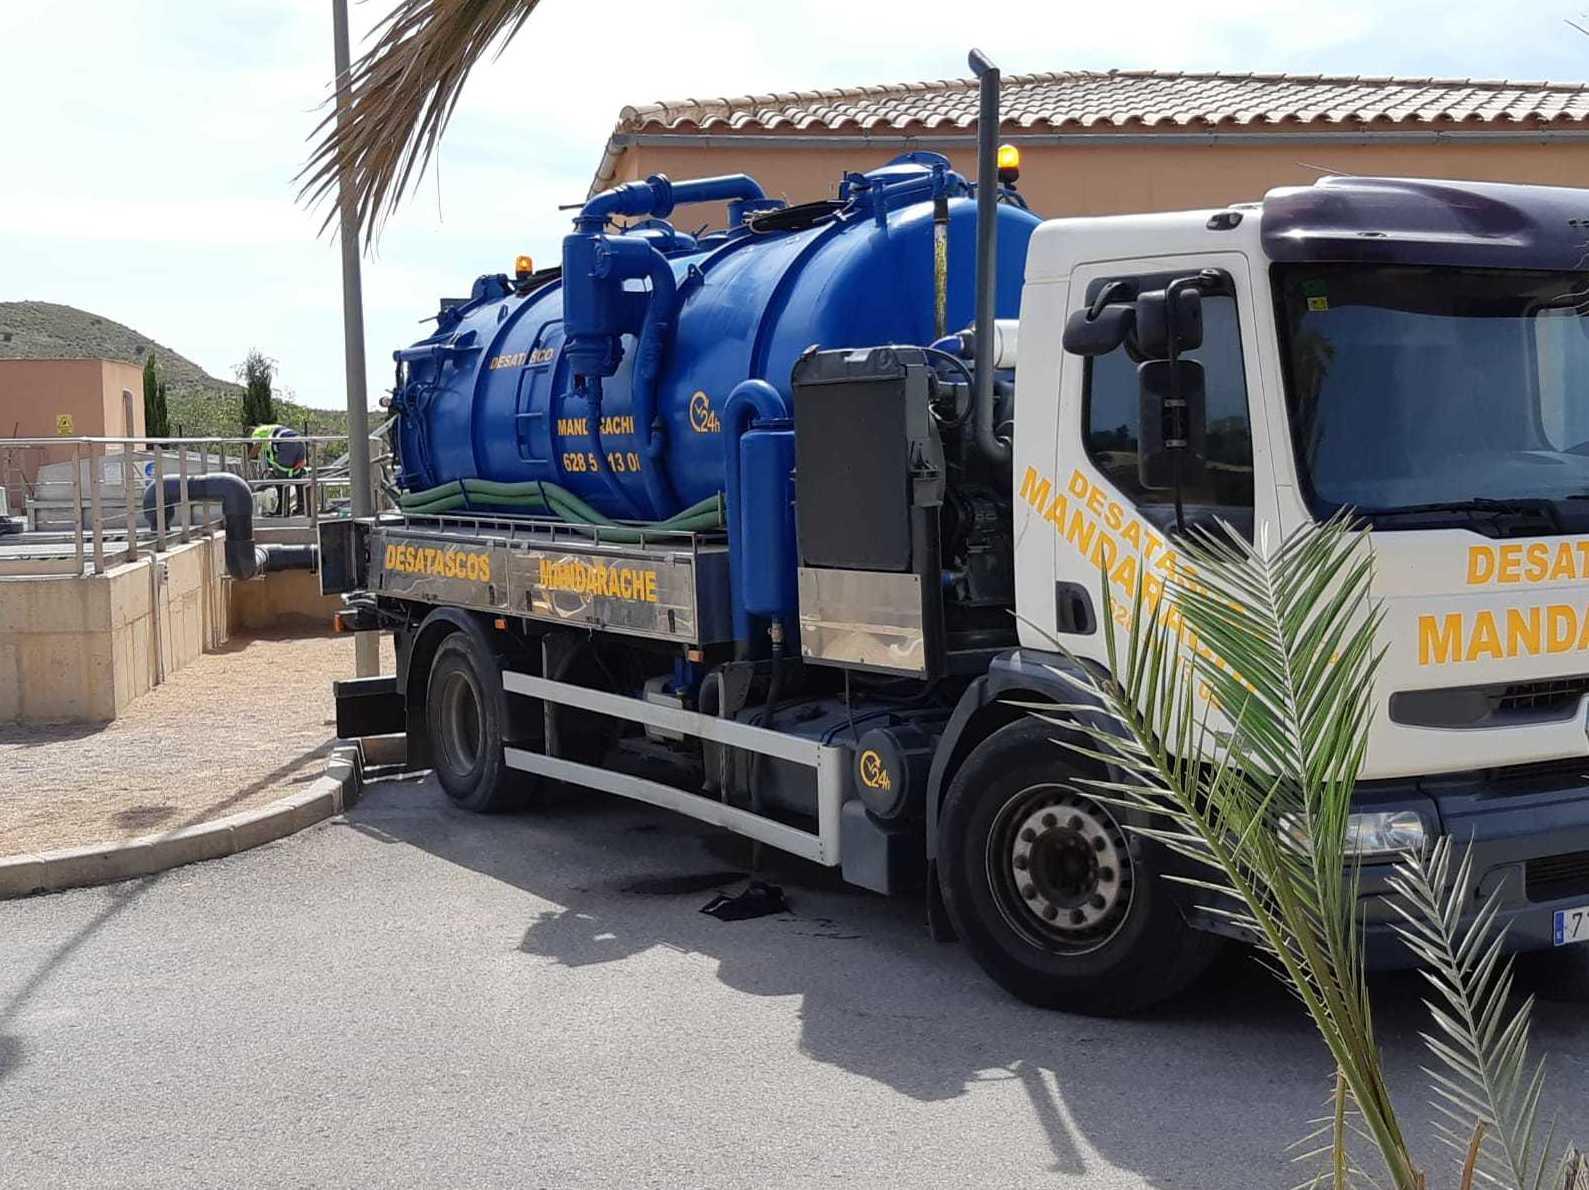 Foto 37 de Desatascos en Cartagena | Desatascos Mandarache, S.L.